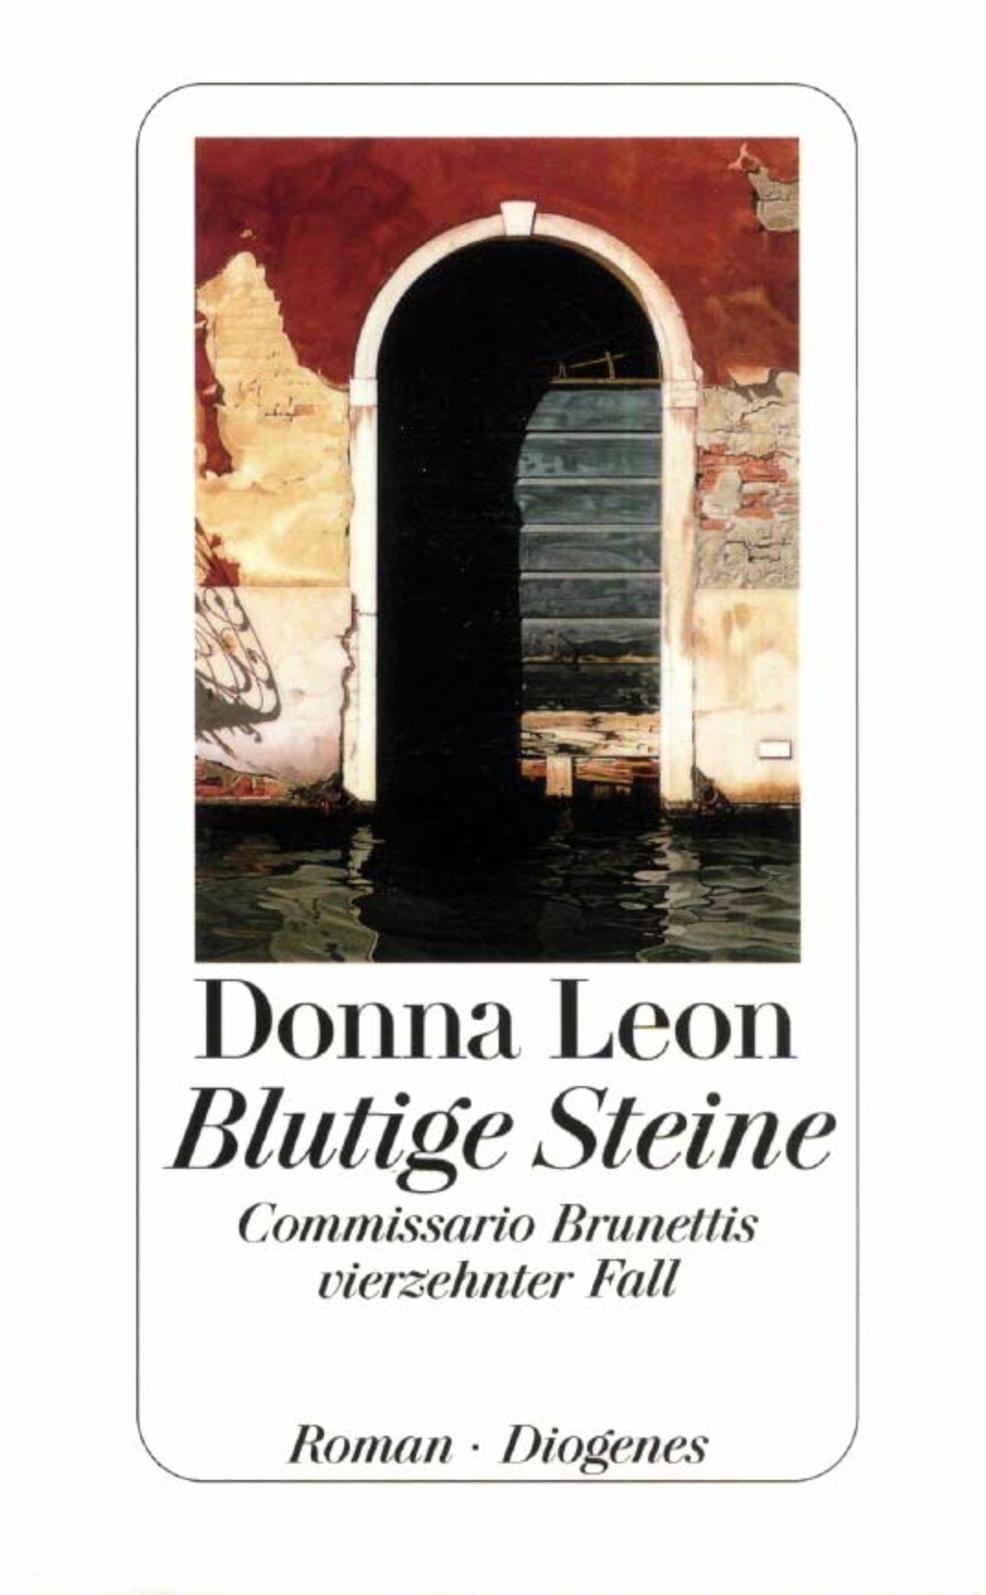 Calaméo   Blutige Steine Commissario Brunettis Vierzehnter Fall